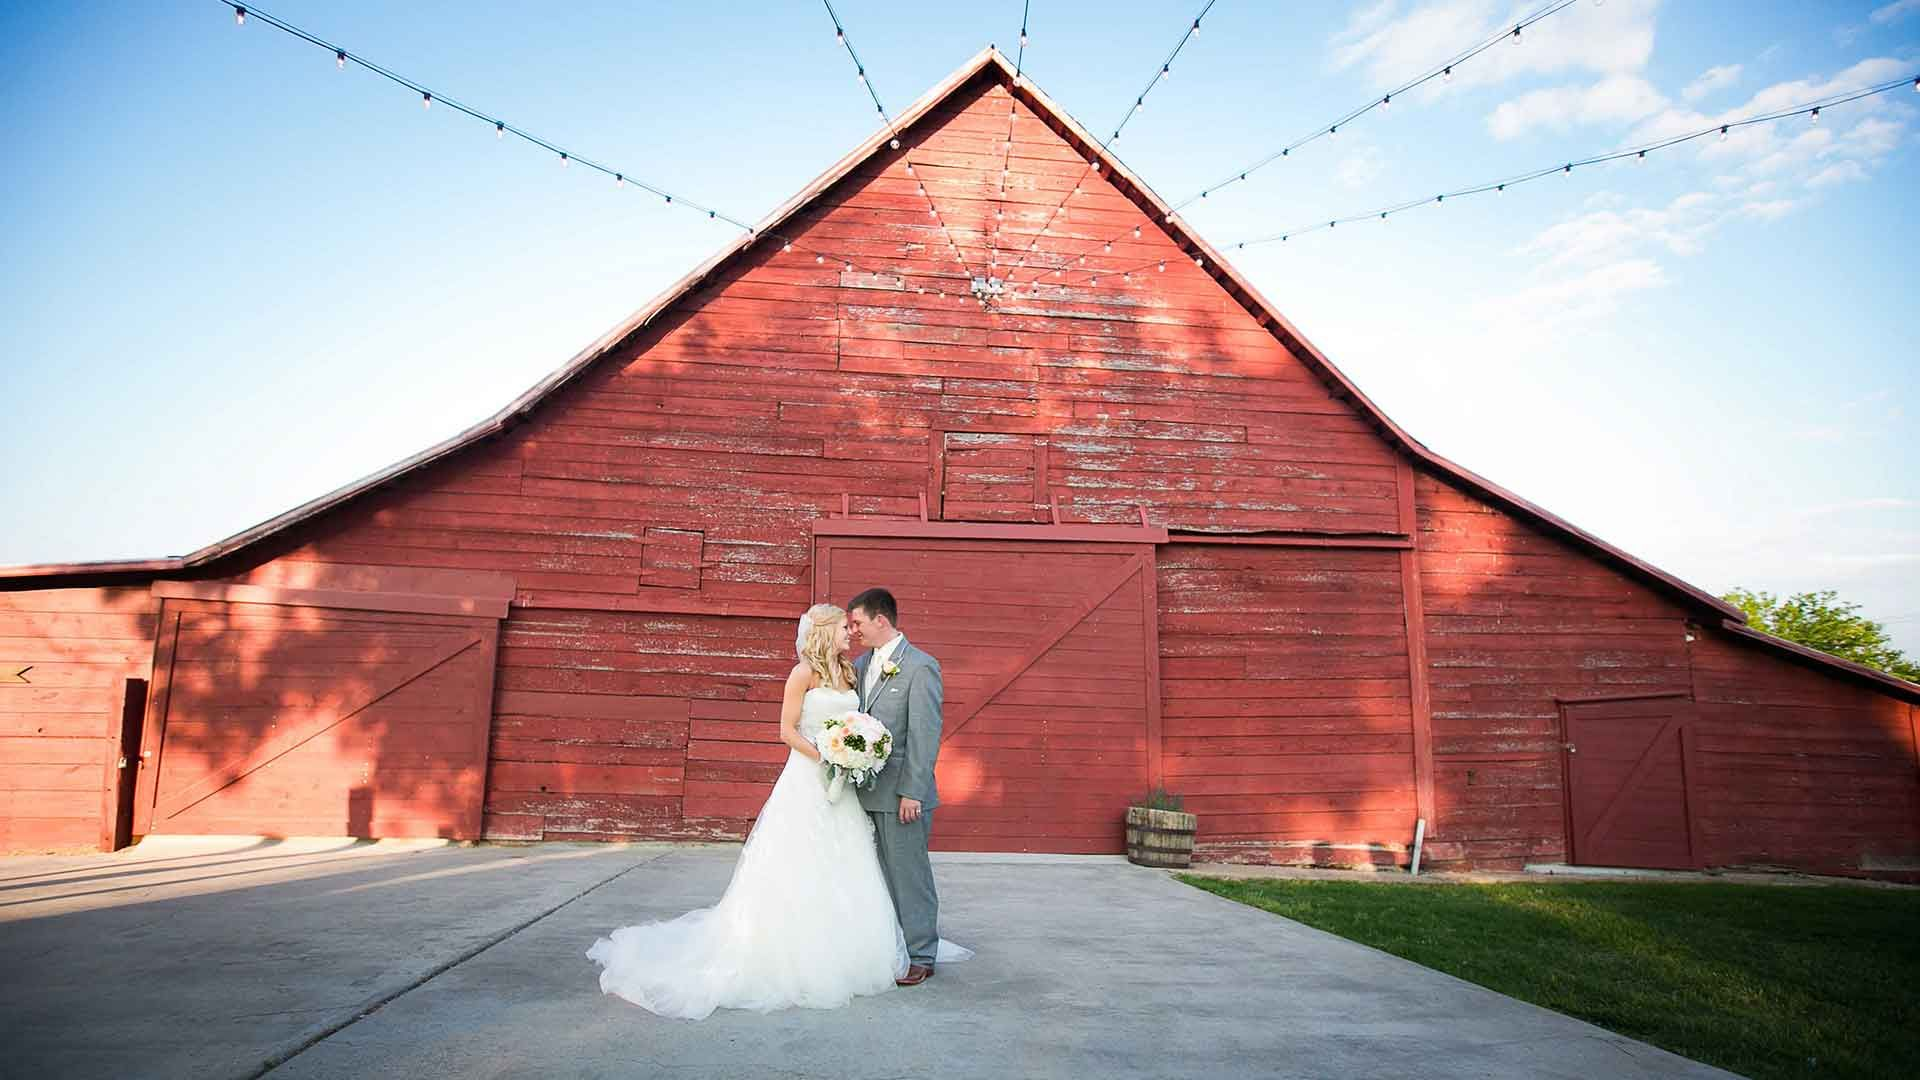 Rustic Barn Wedding Venue. Wedding Chapel near Dallas. Van ...